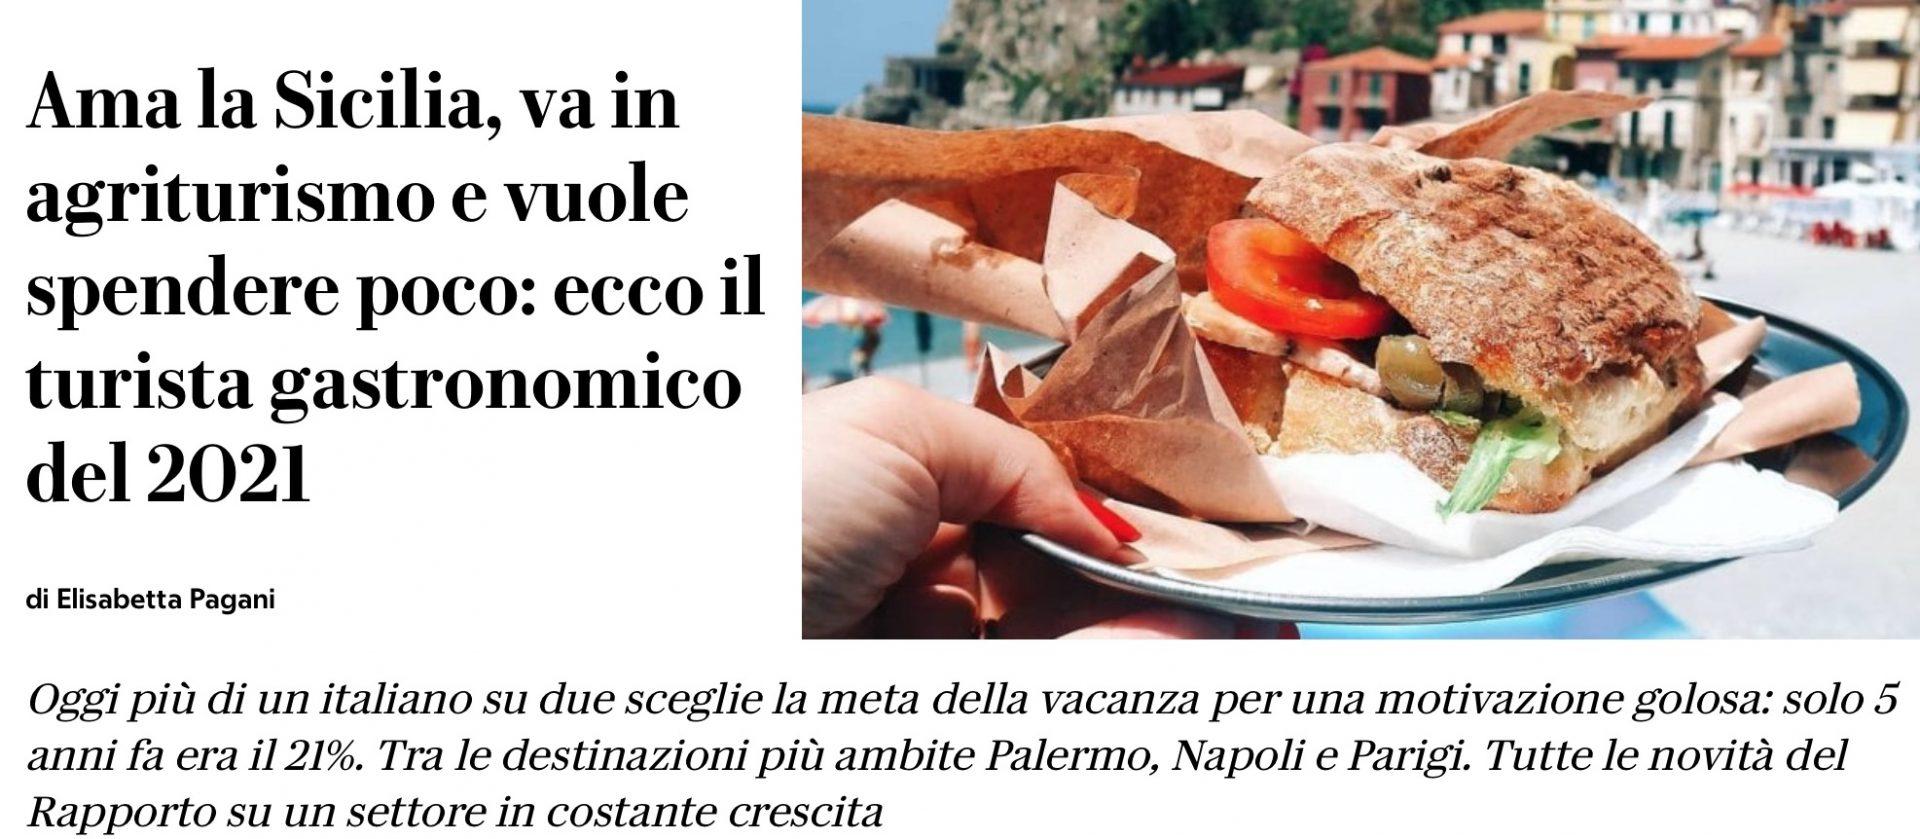 La gaffe di Repubblica: «Il turista per mangiare sceglie la Sicilia». Ma la foto è di Scilla